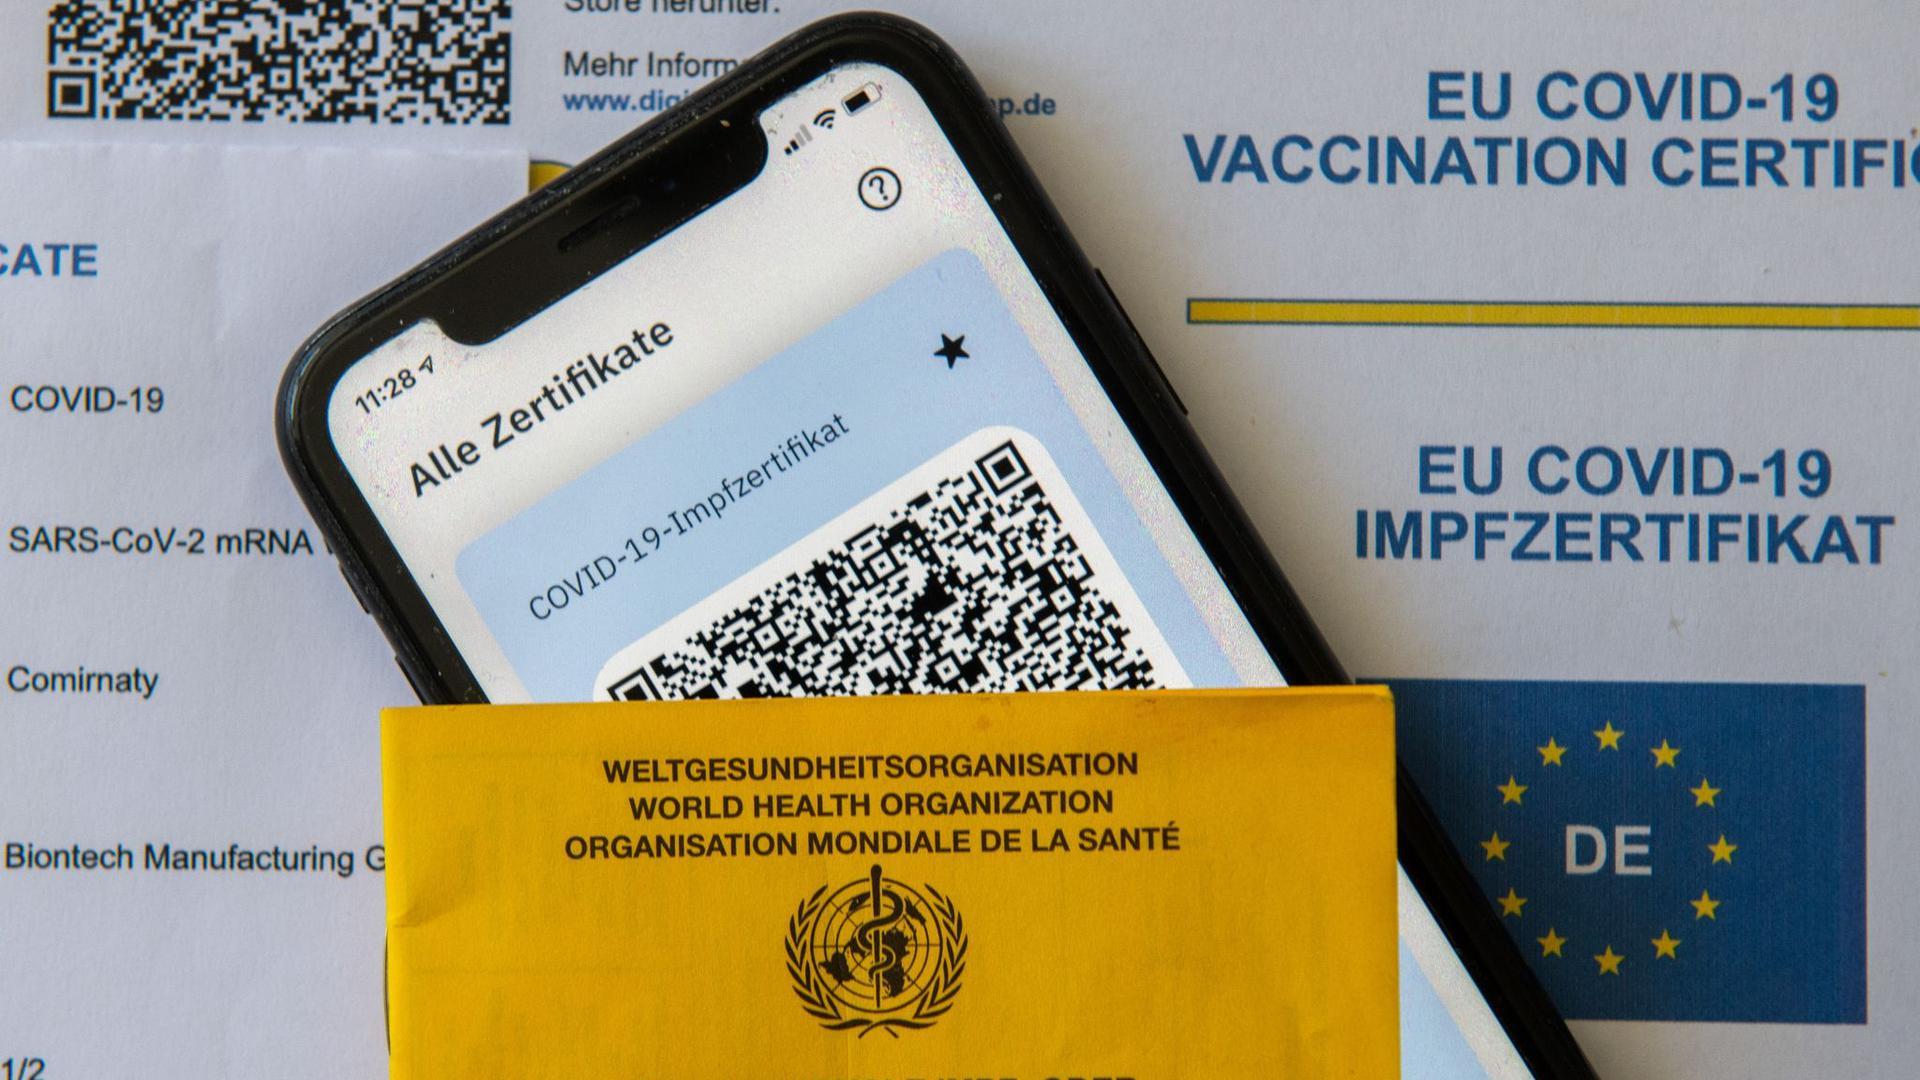 Der digitale Nachweis ist eine freiwillige Ergänzung des weiter gültigen gelben Impfheftes aus Papier.